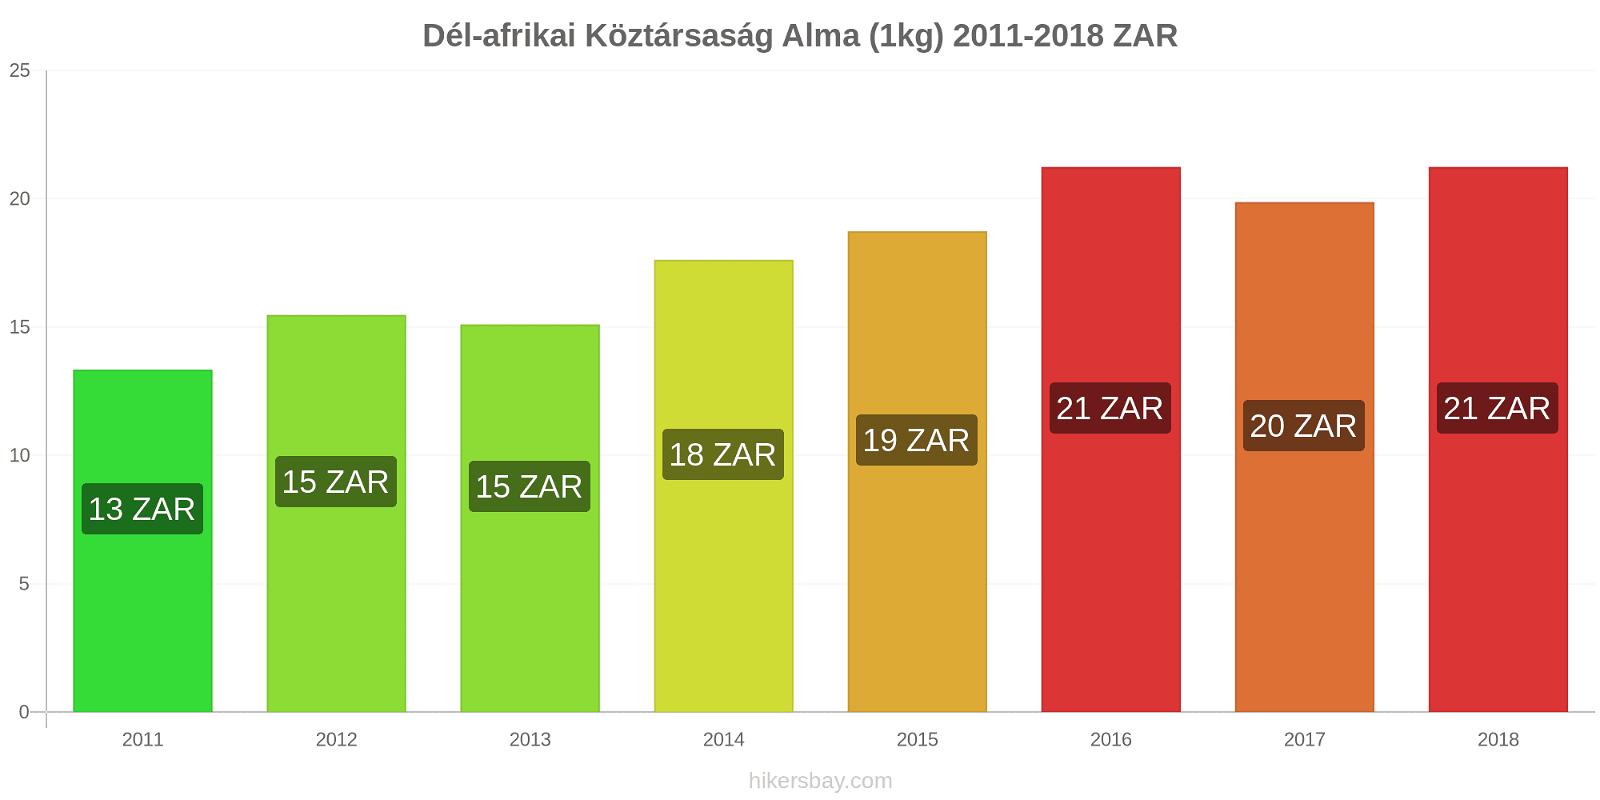 Dél-afrikai Köztársaság árváltozások Alma (1kg) hikersbay.com